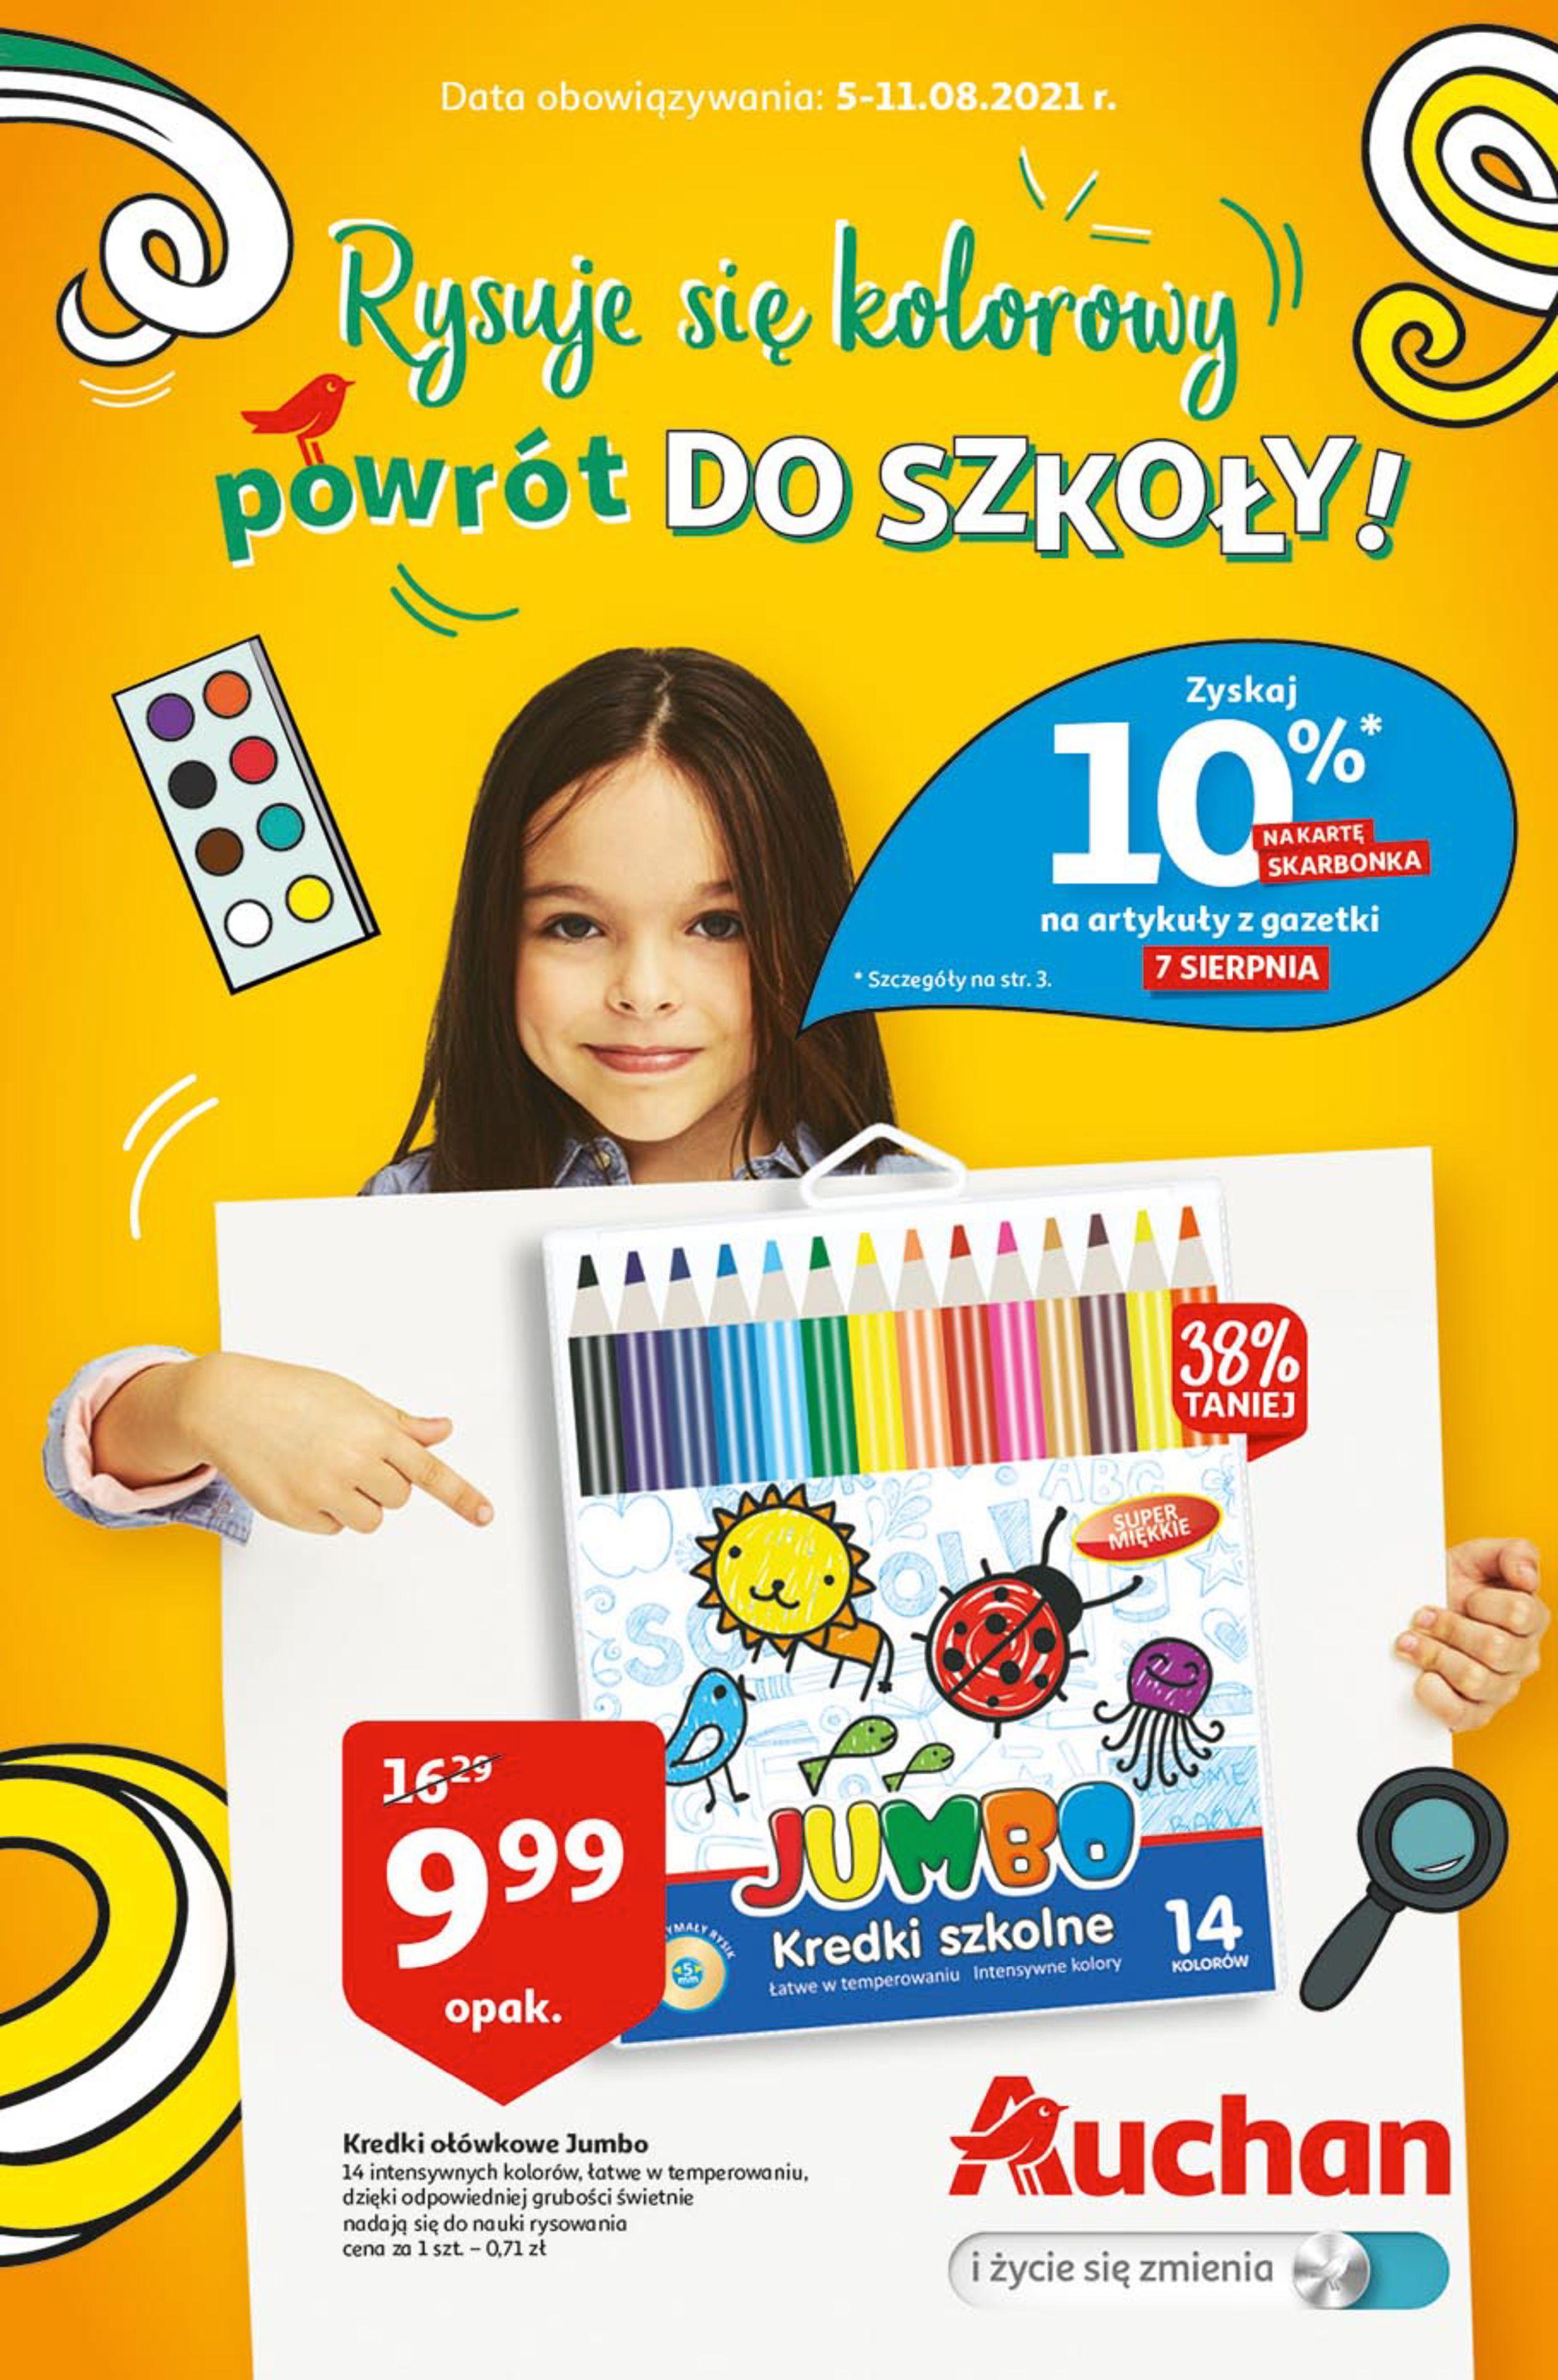 Auchan:  Gazetka Auchan - Rysuje się kolorowy powrót do szkoły Hipermarkety 04.08.2021